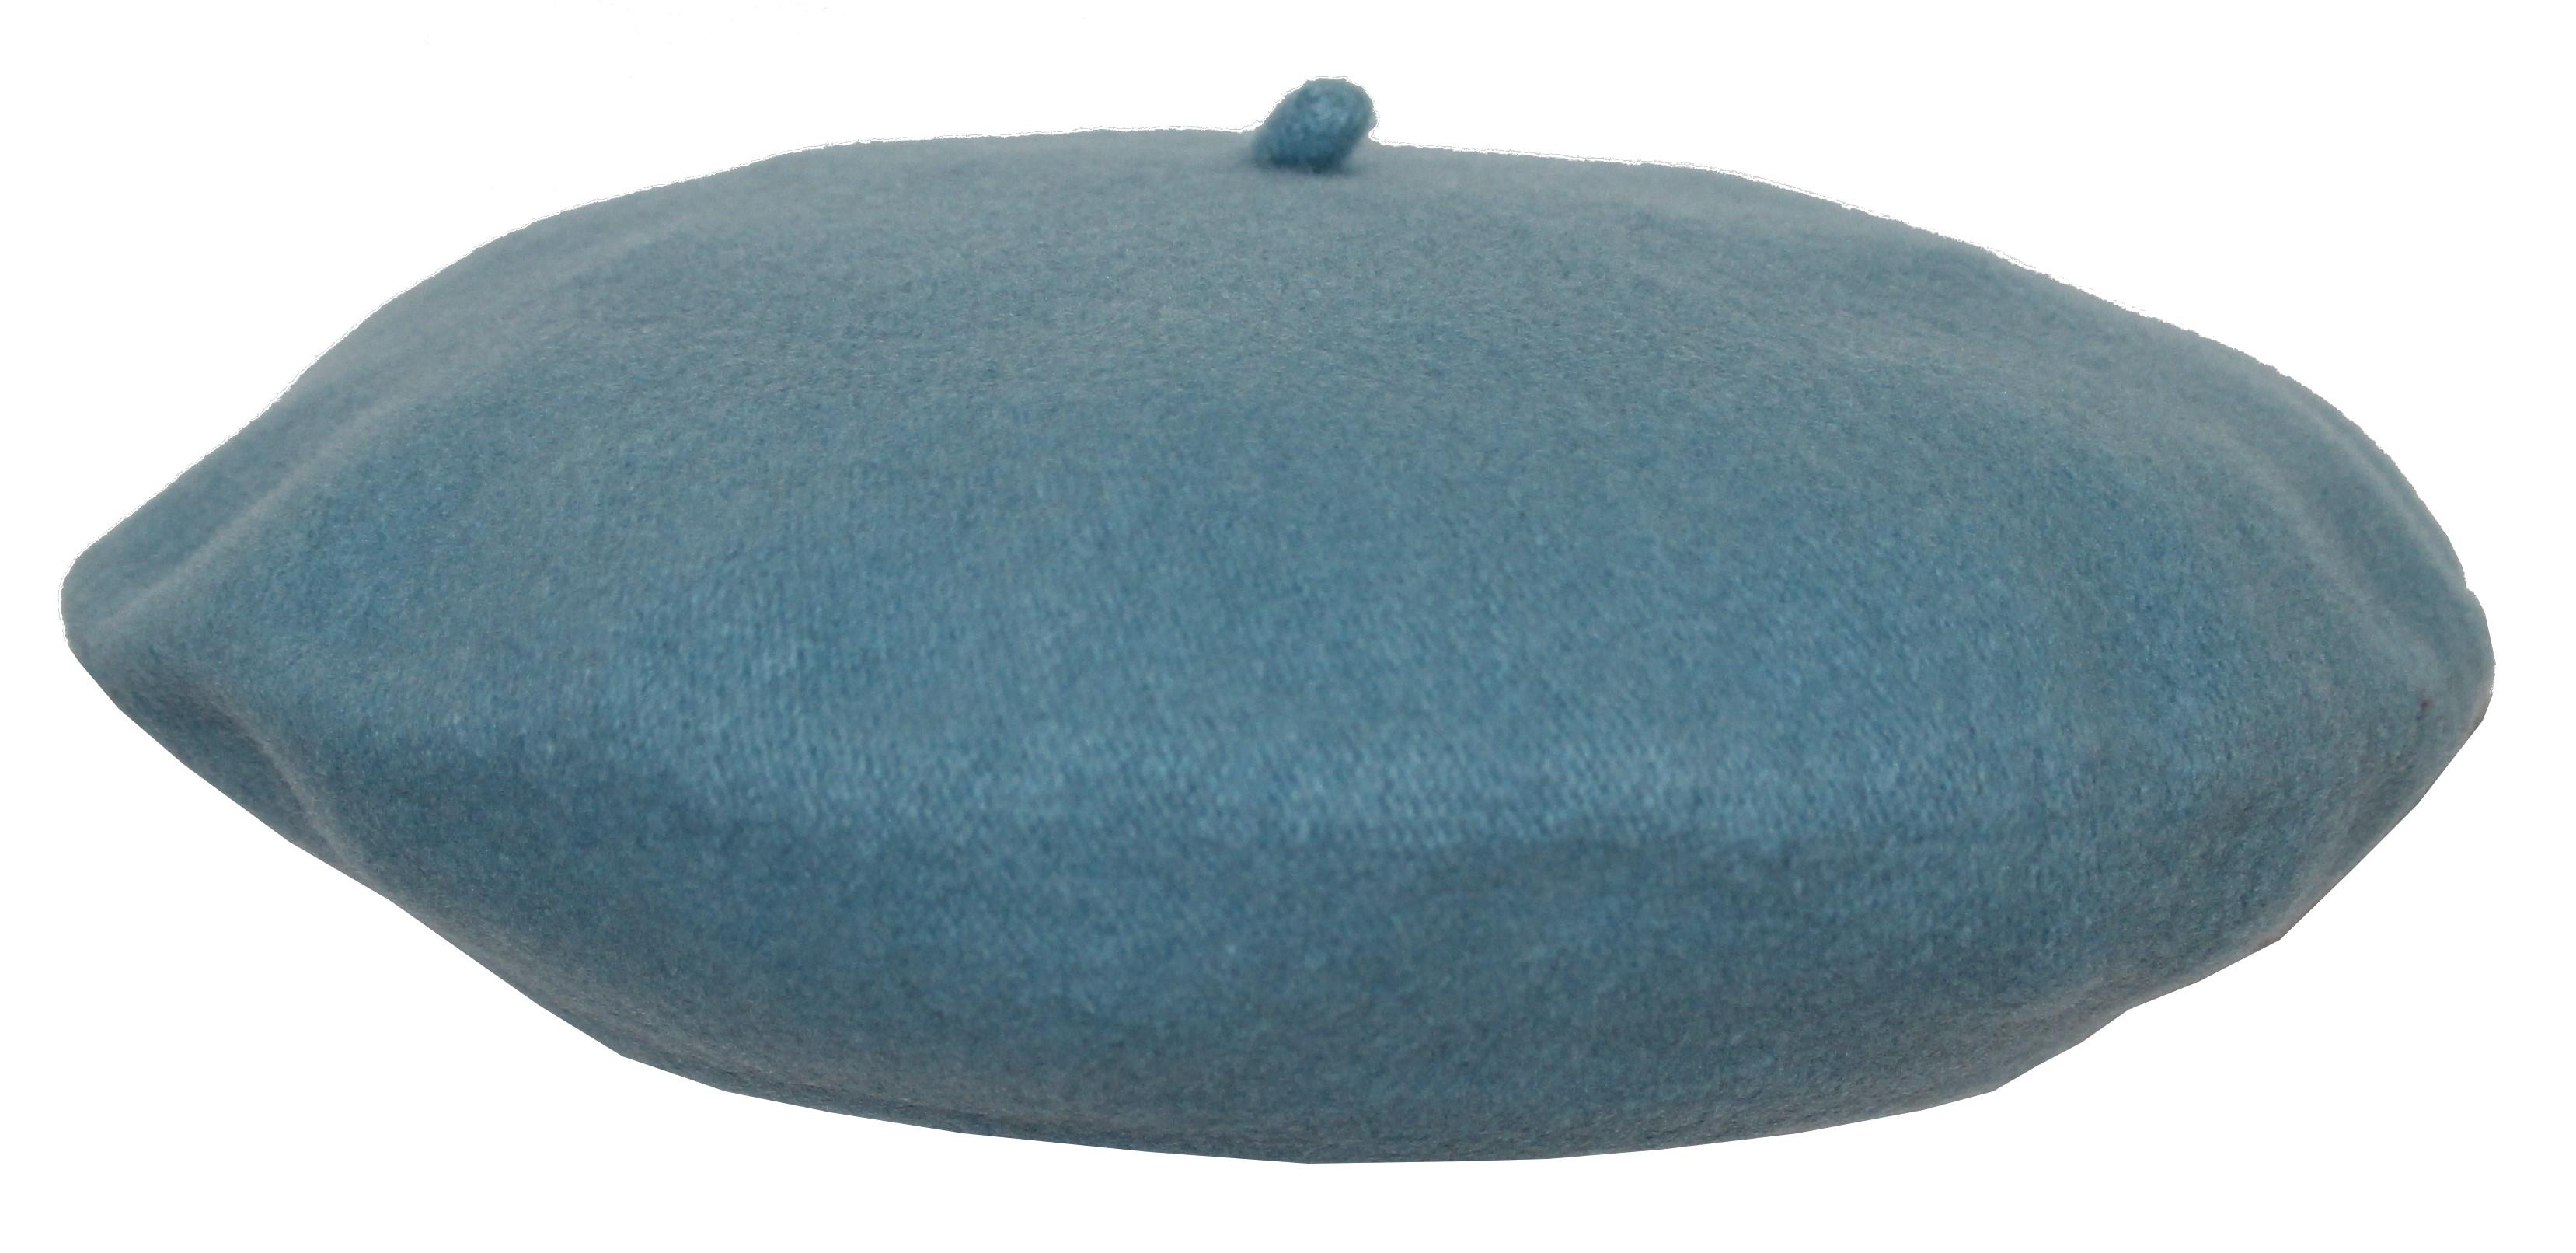 Béret 100% laine - flora super - ciel Bleu